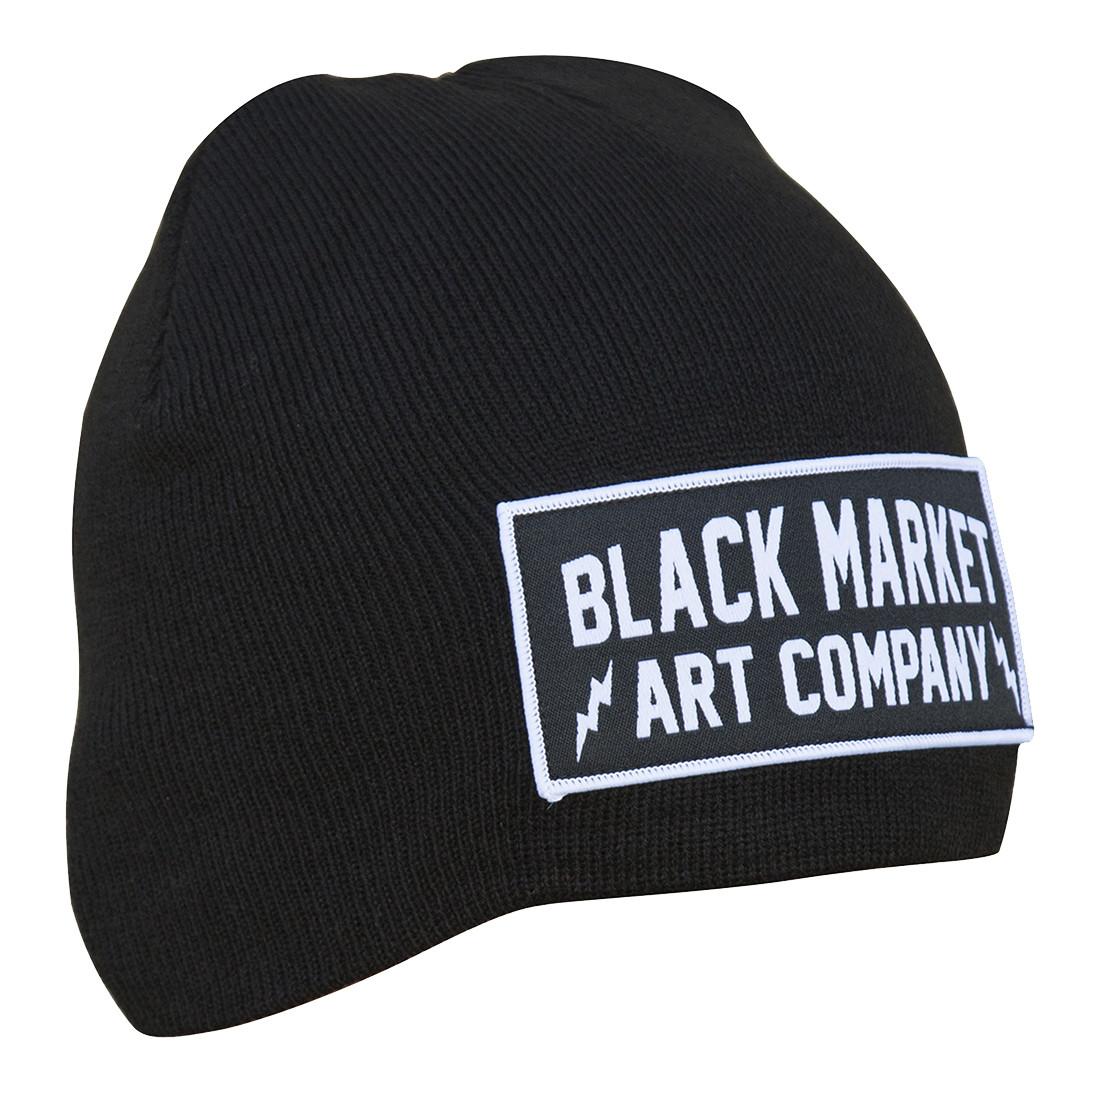 BLA1673-A-Black-Market-Bean  51885.1546453729.1280.1280.jpg c 2 90accdaf7